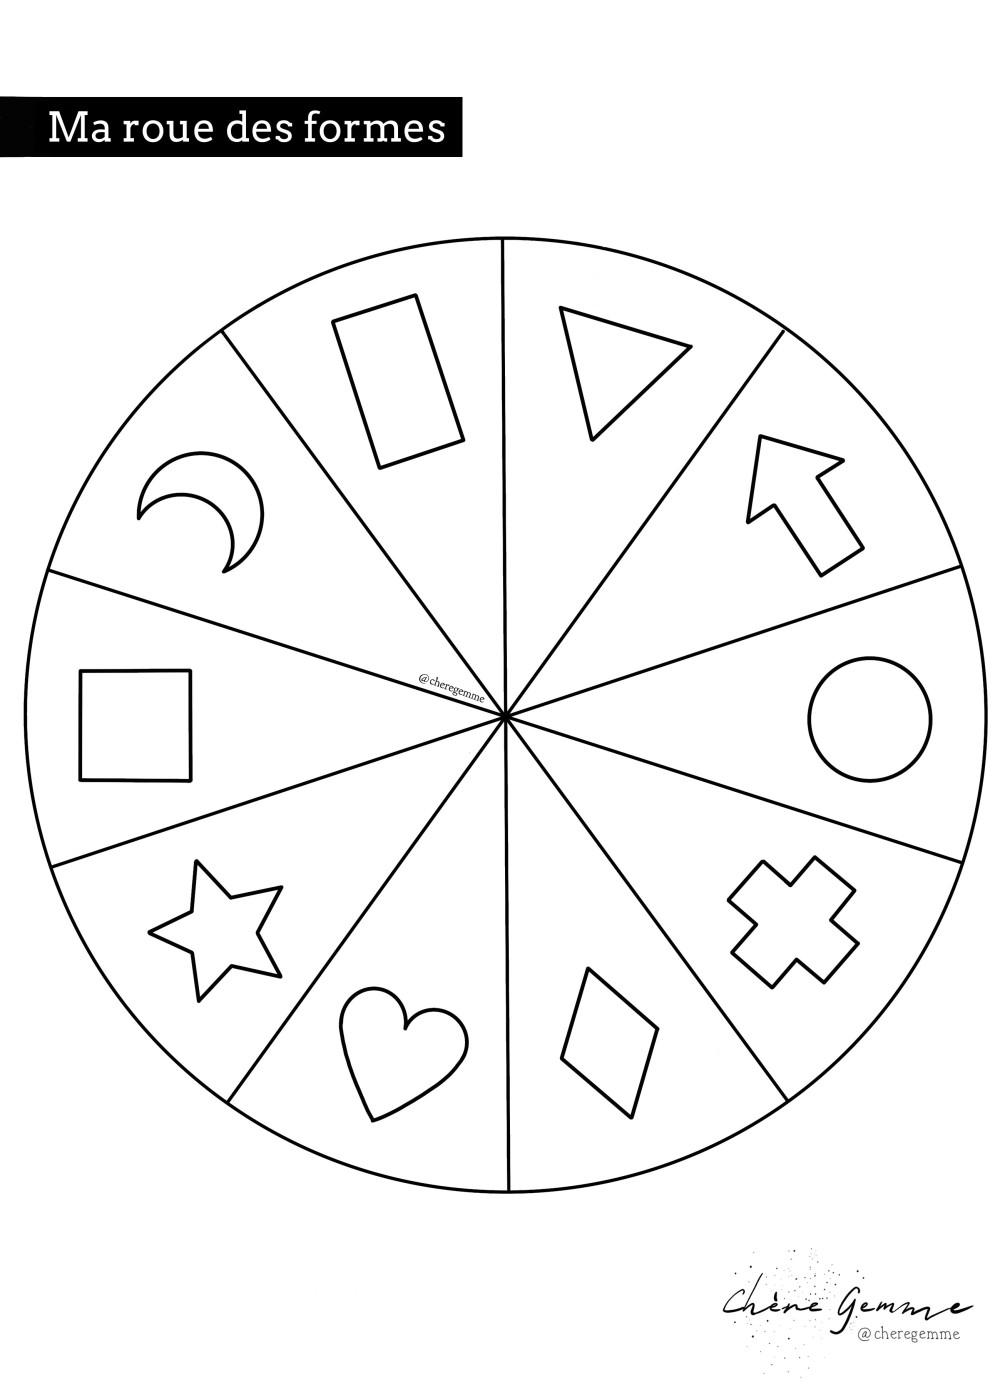 roue des formes